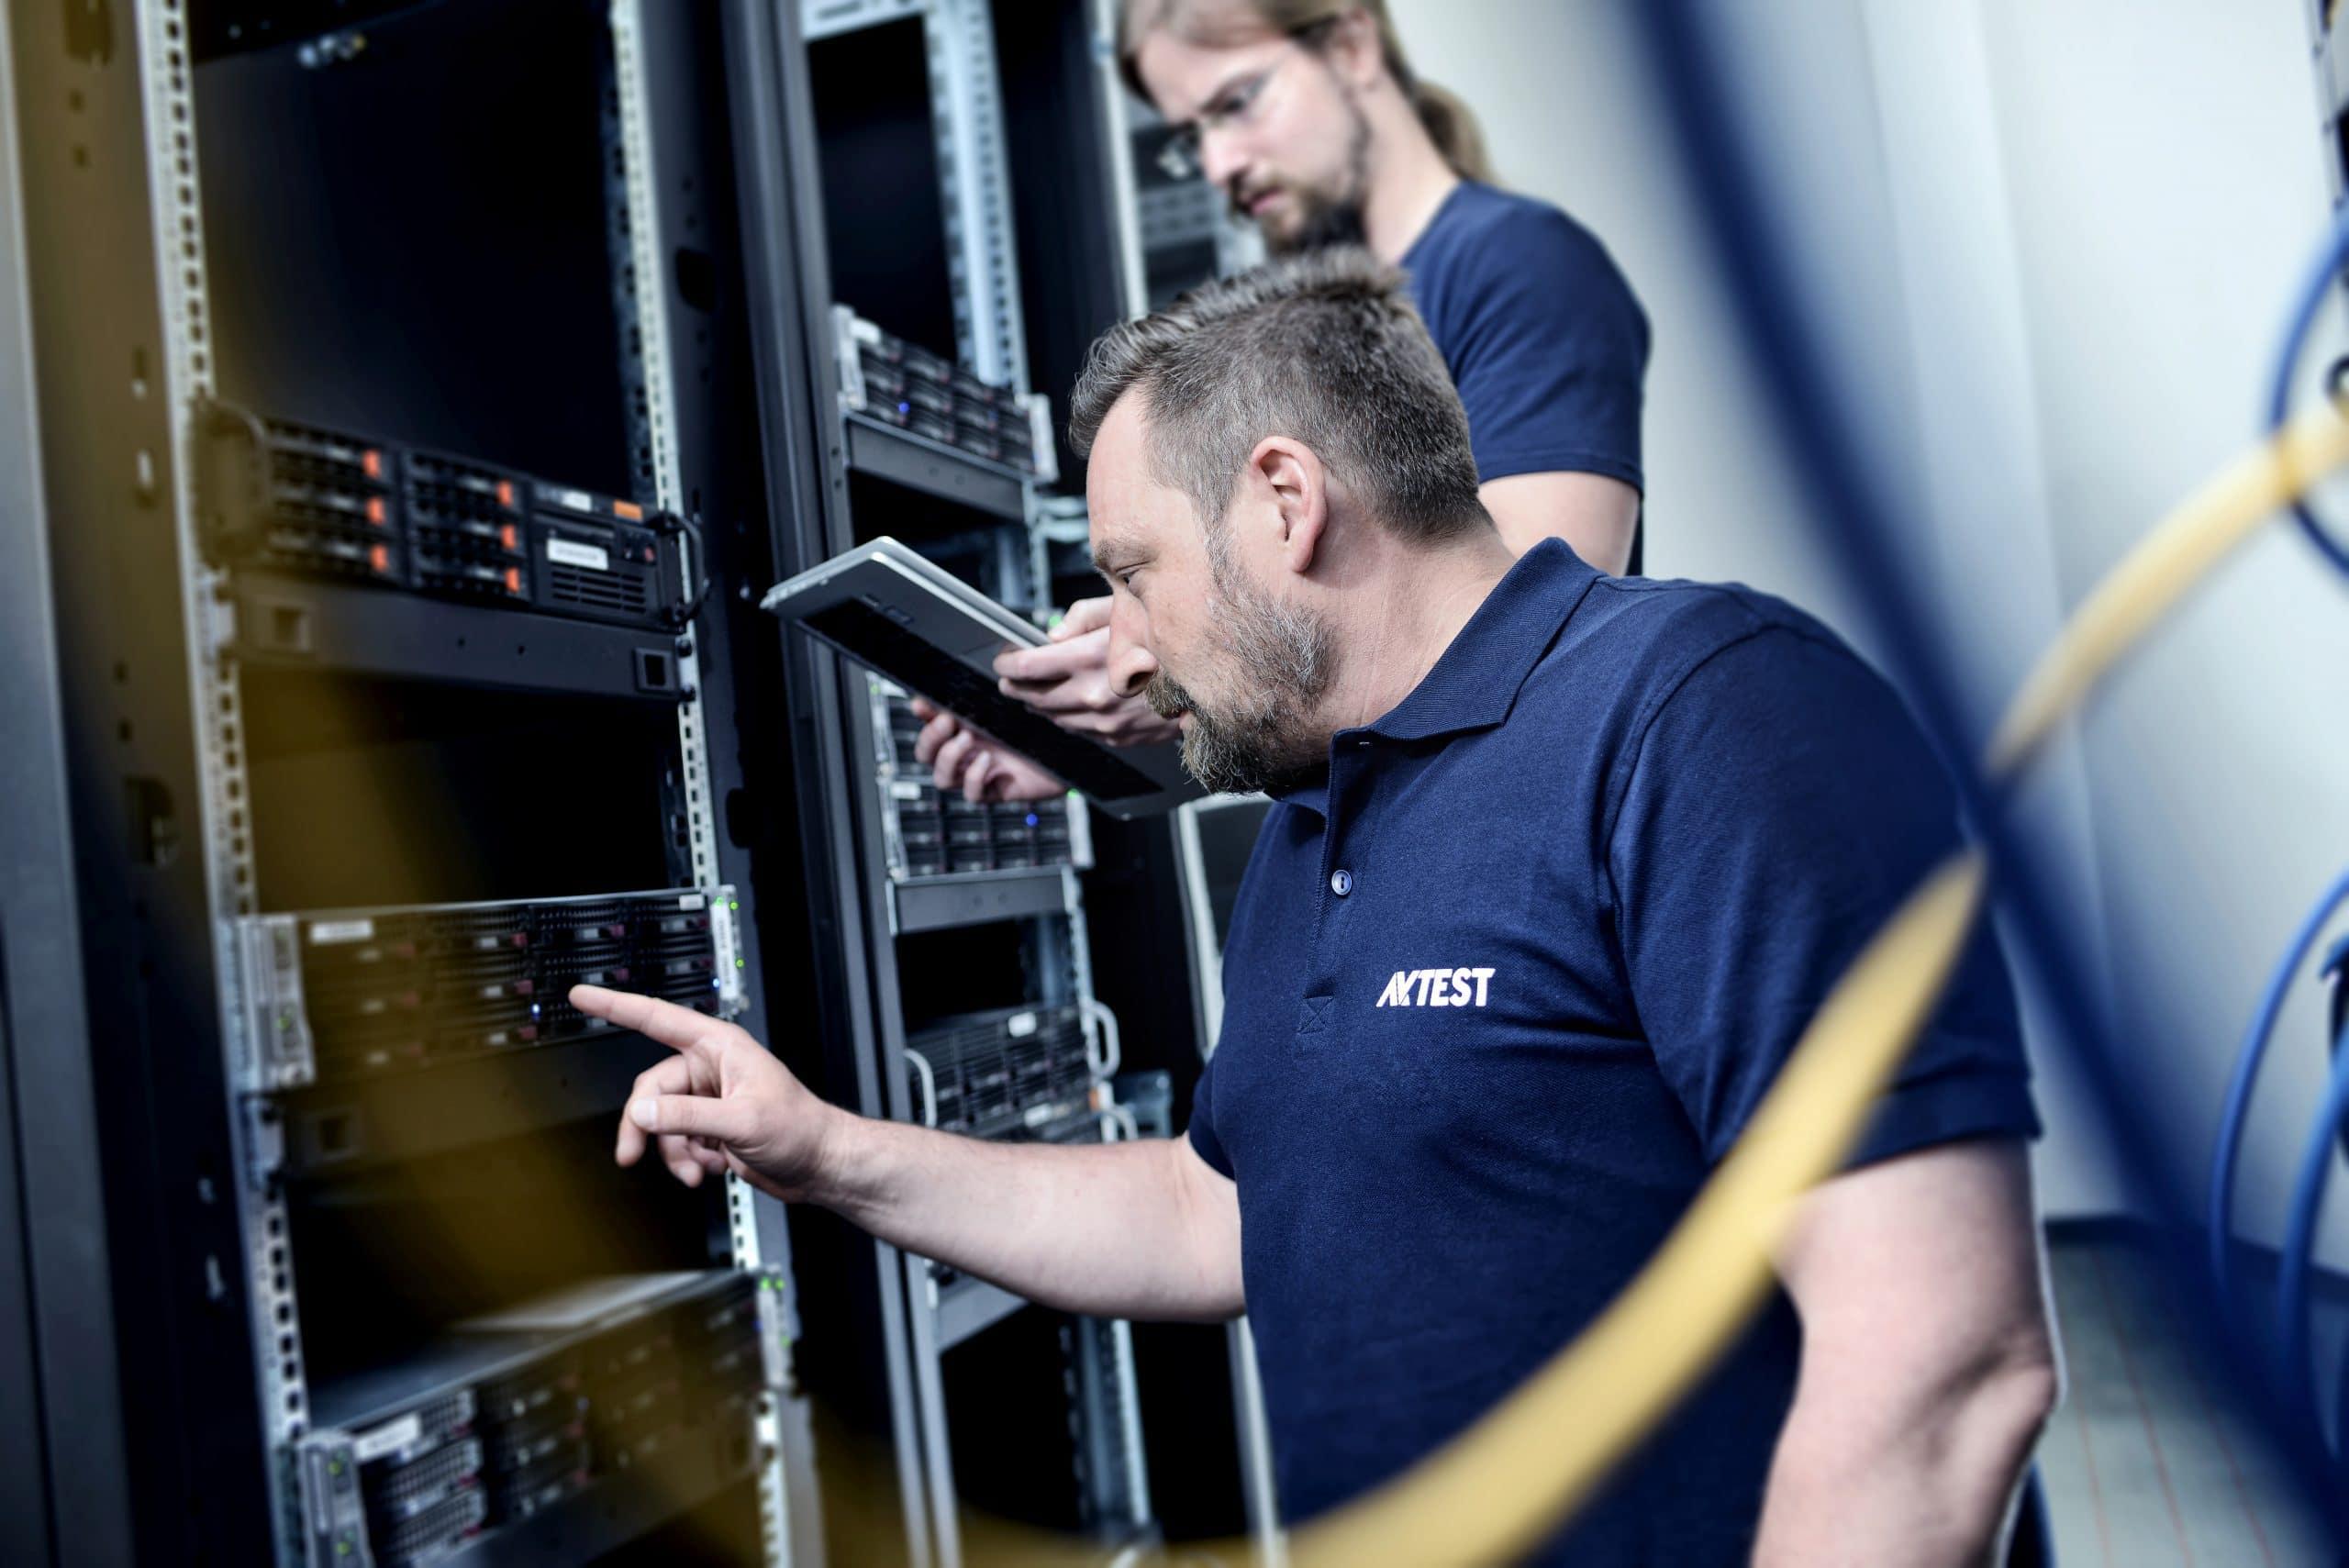 AV-TEST führt seit über 15 Jahren Prüfungen von Sicherheitsprodukten durch. (Bild: AV-Test)